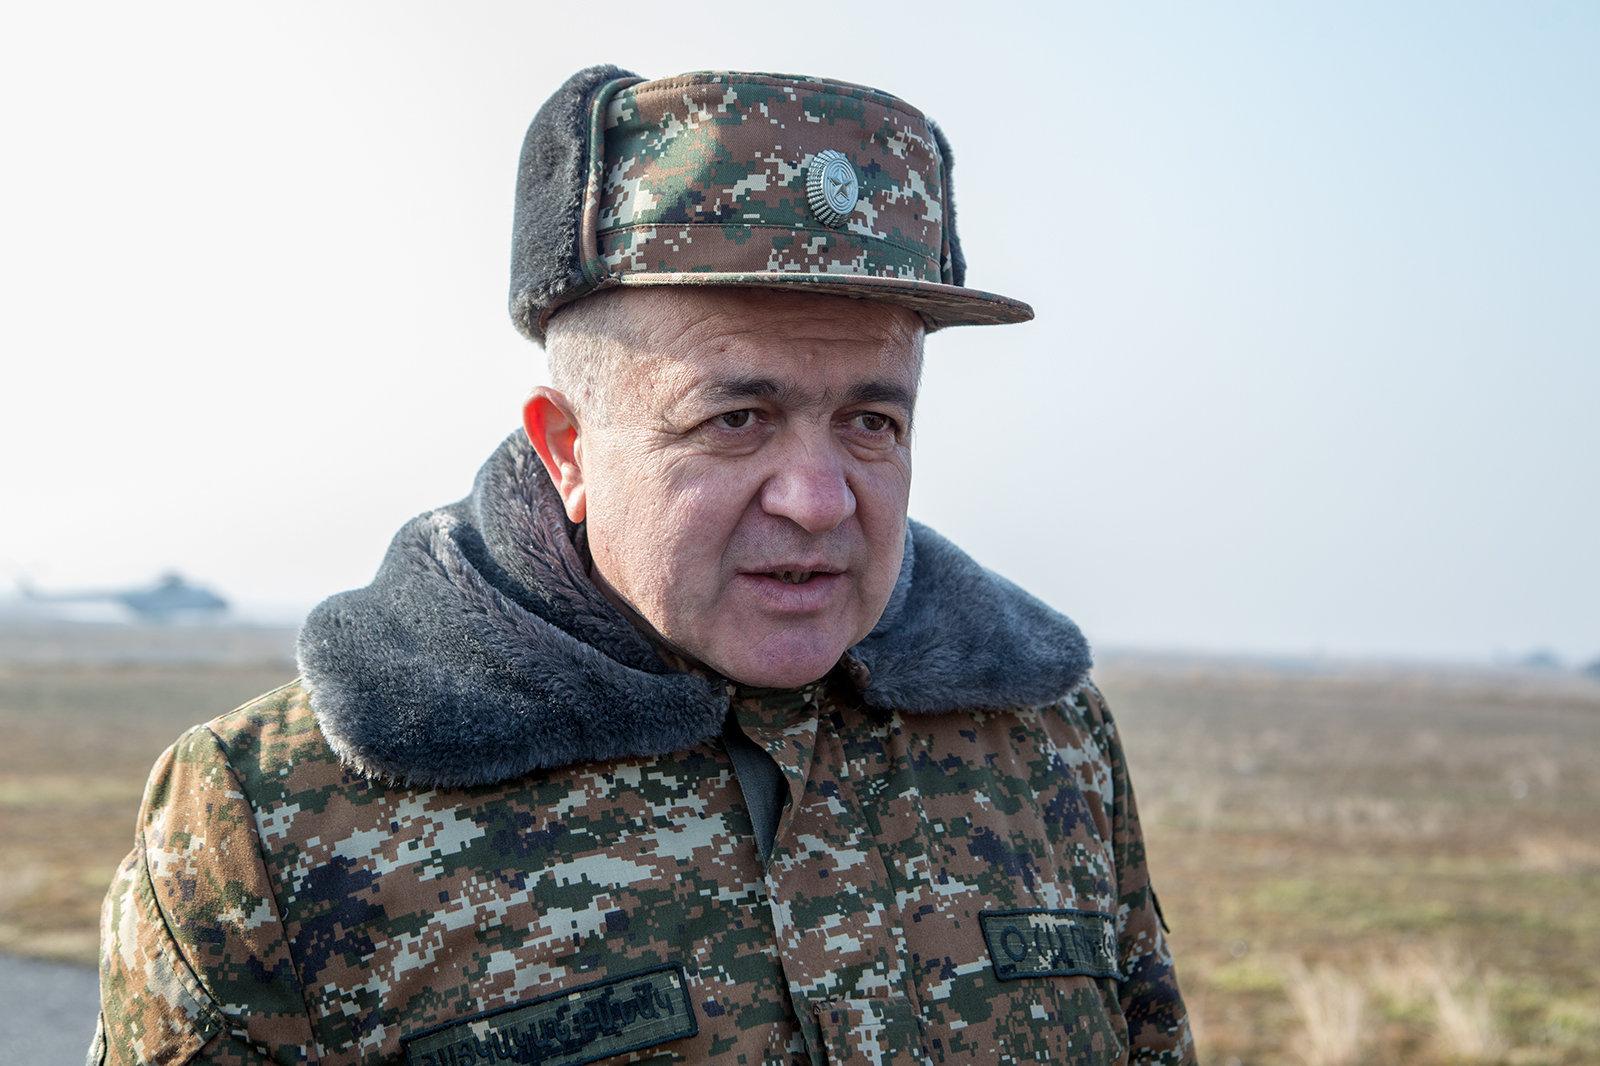 Վաչագան Ներսիսյանը նշանակվել է գլխավոր ռազմական տեսչի տեղակալ